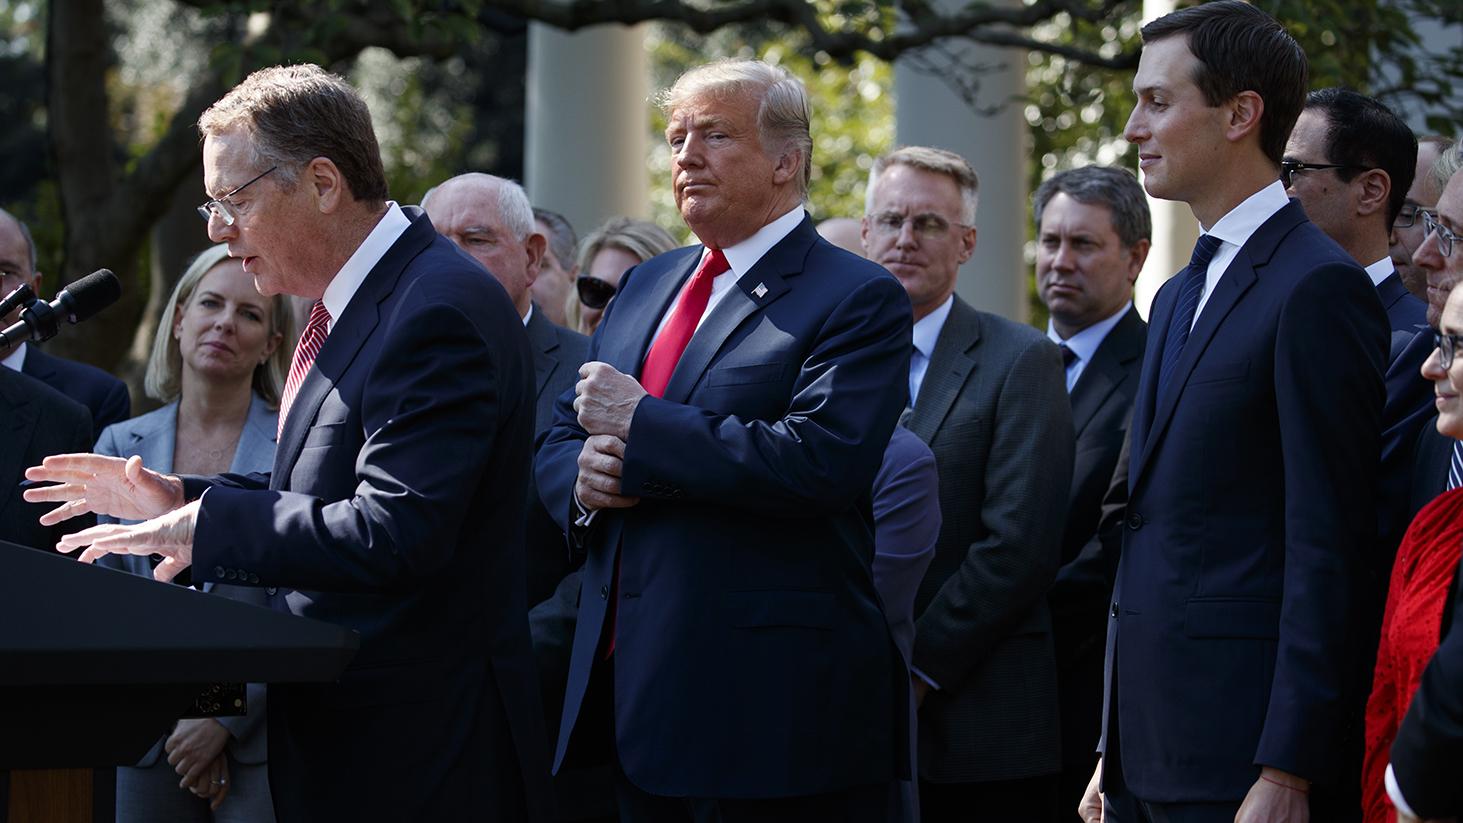 美国总统特朗普(前排中)在一个活动上听美国贸易代表罗伯特·E·莱特希泽(Robert E. Lighthizer,前排左一)发言。(美联社)